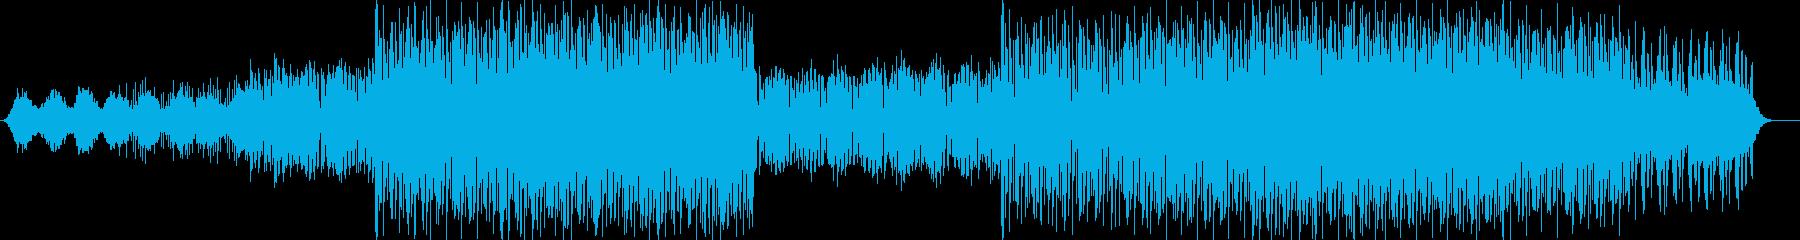 ドキュメンタリー向けBGMの再生済みの波形